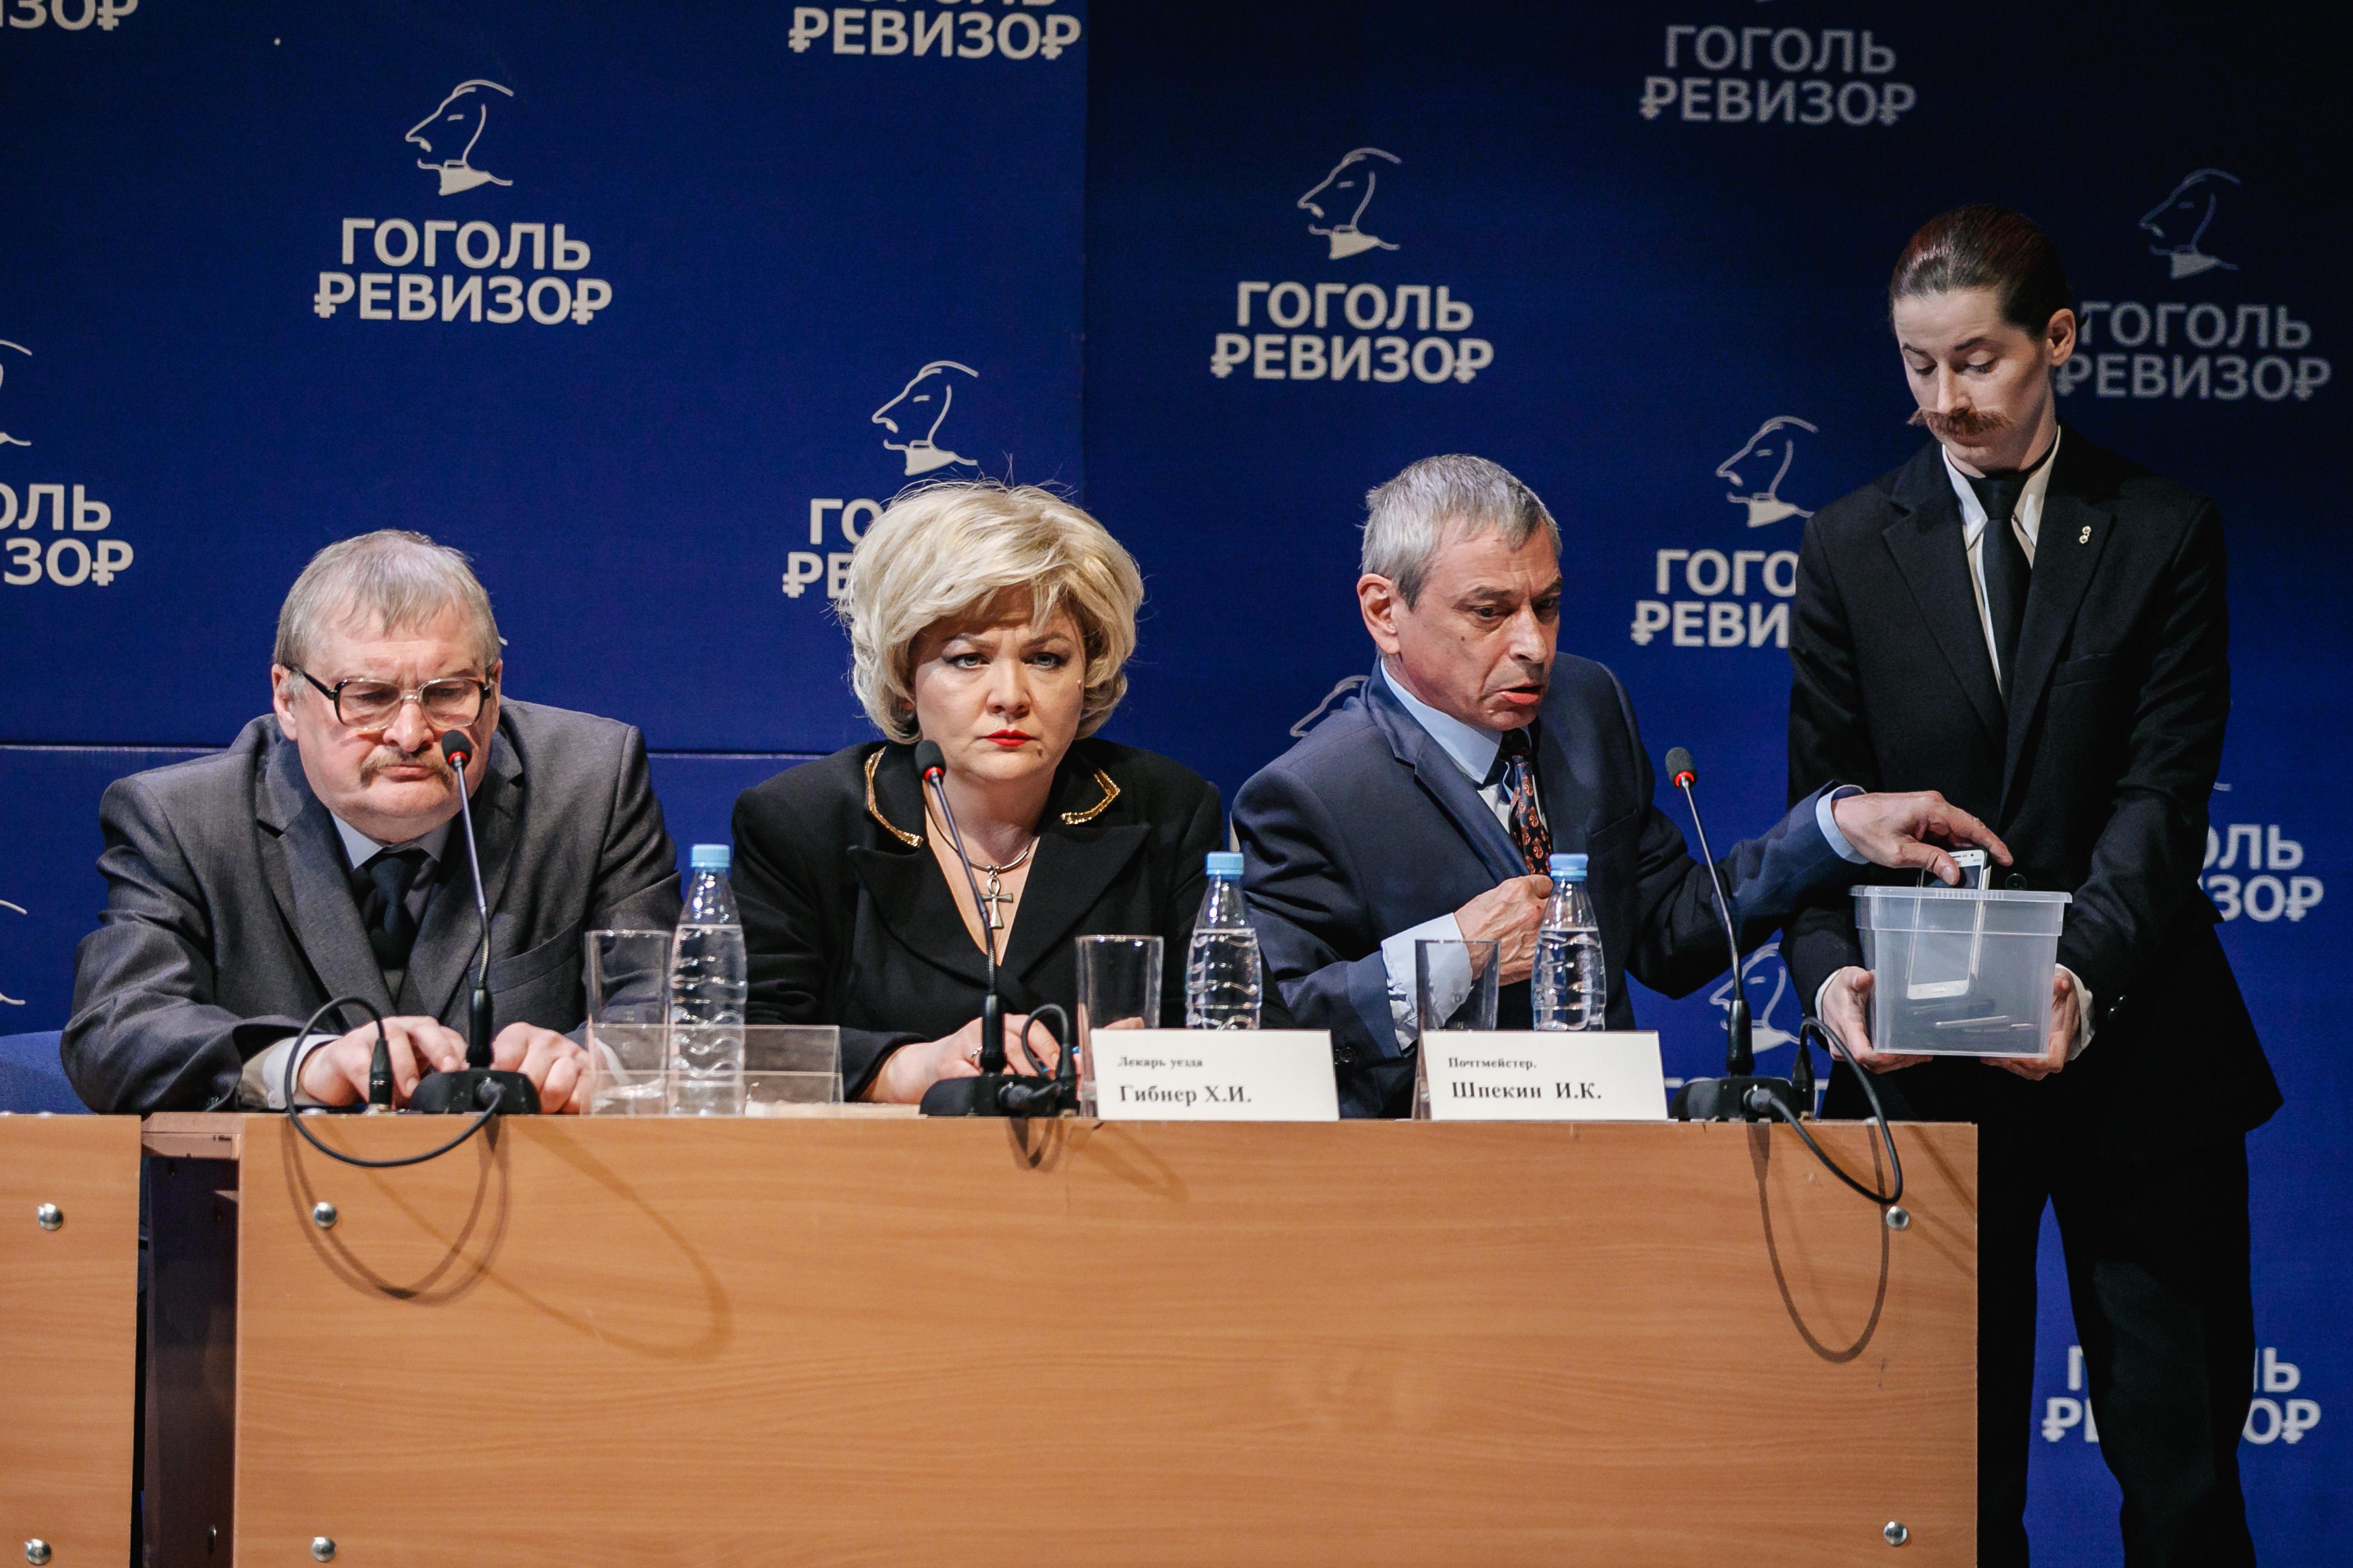 Revizor _Ksenia_Ugolnikova (3)